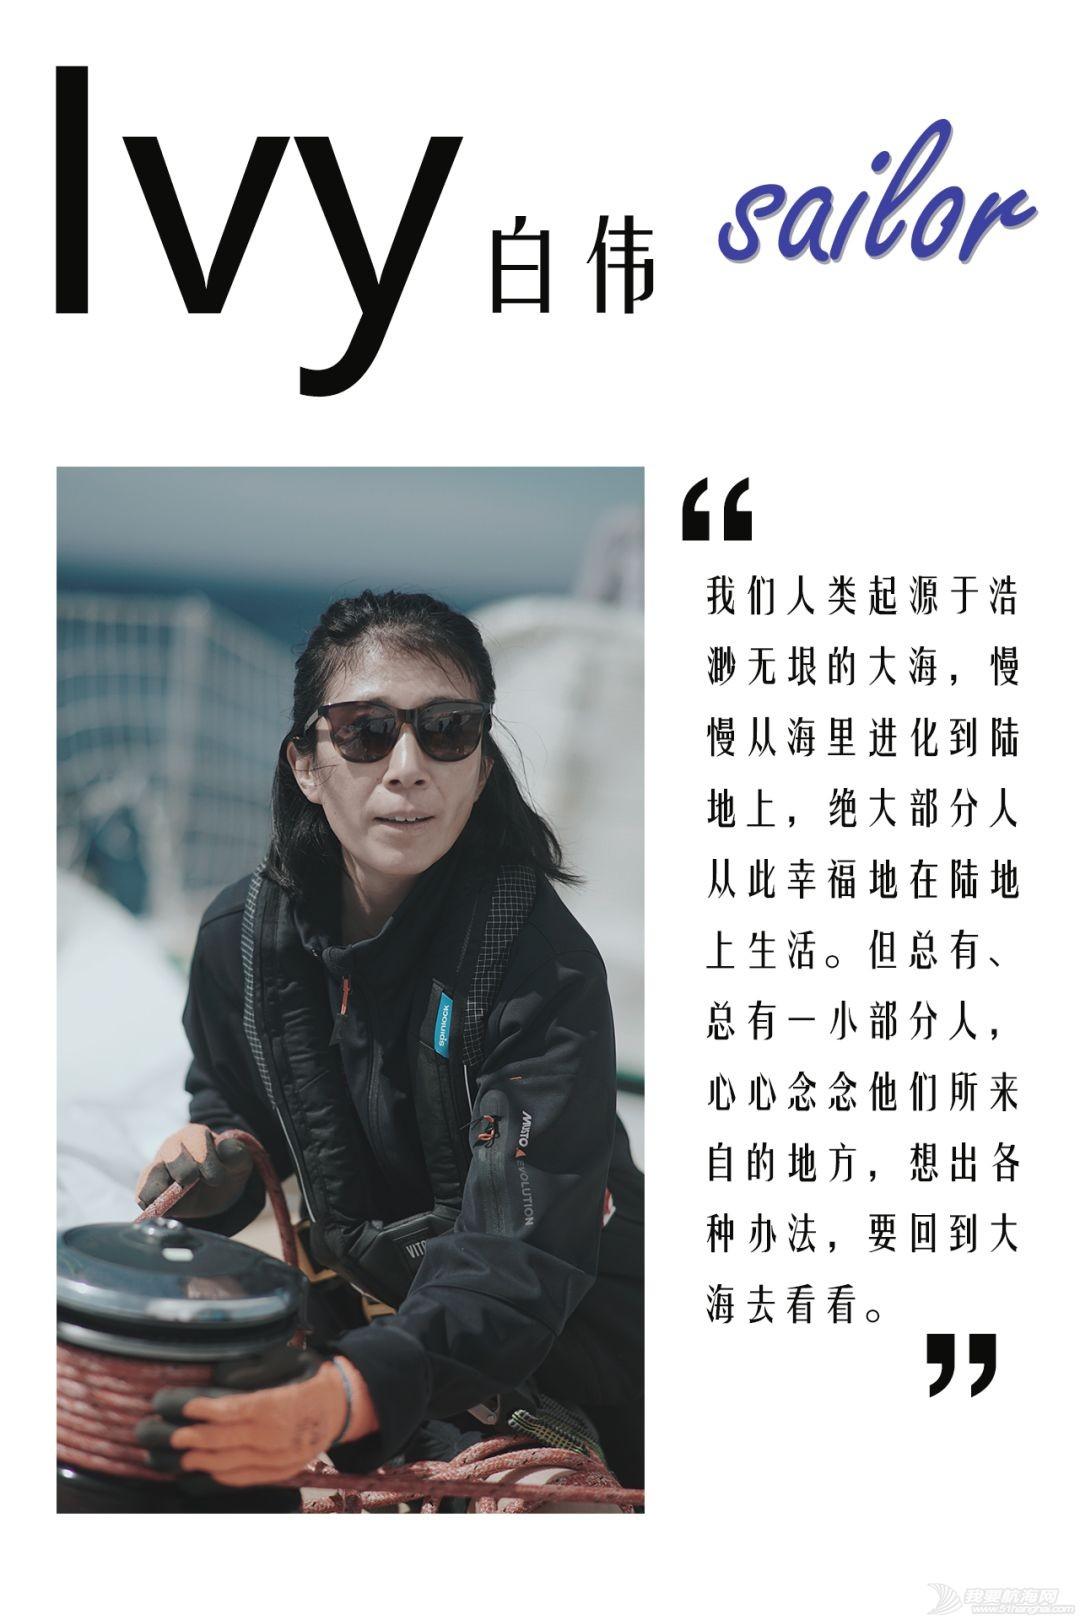 3·8国际妇女节 | 航海女子力w2.jpg